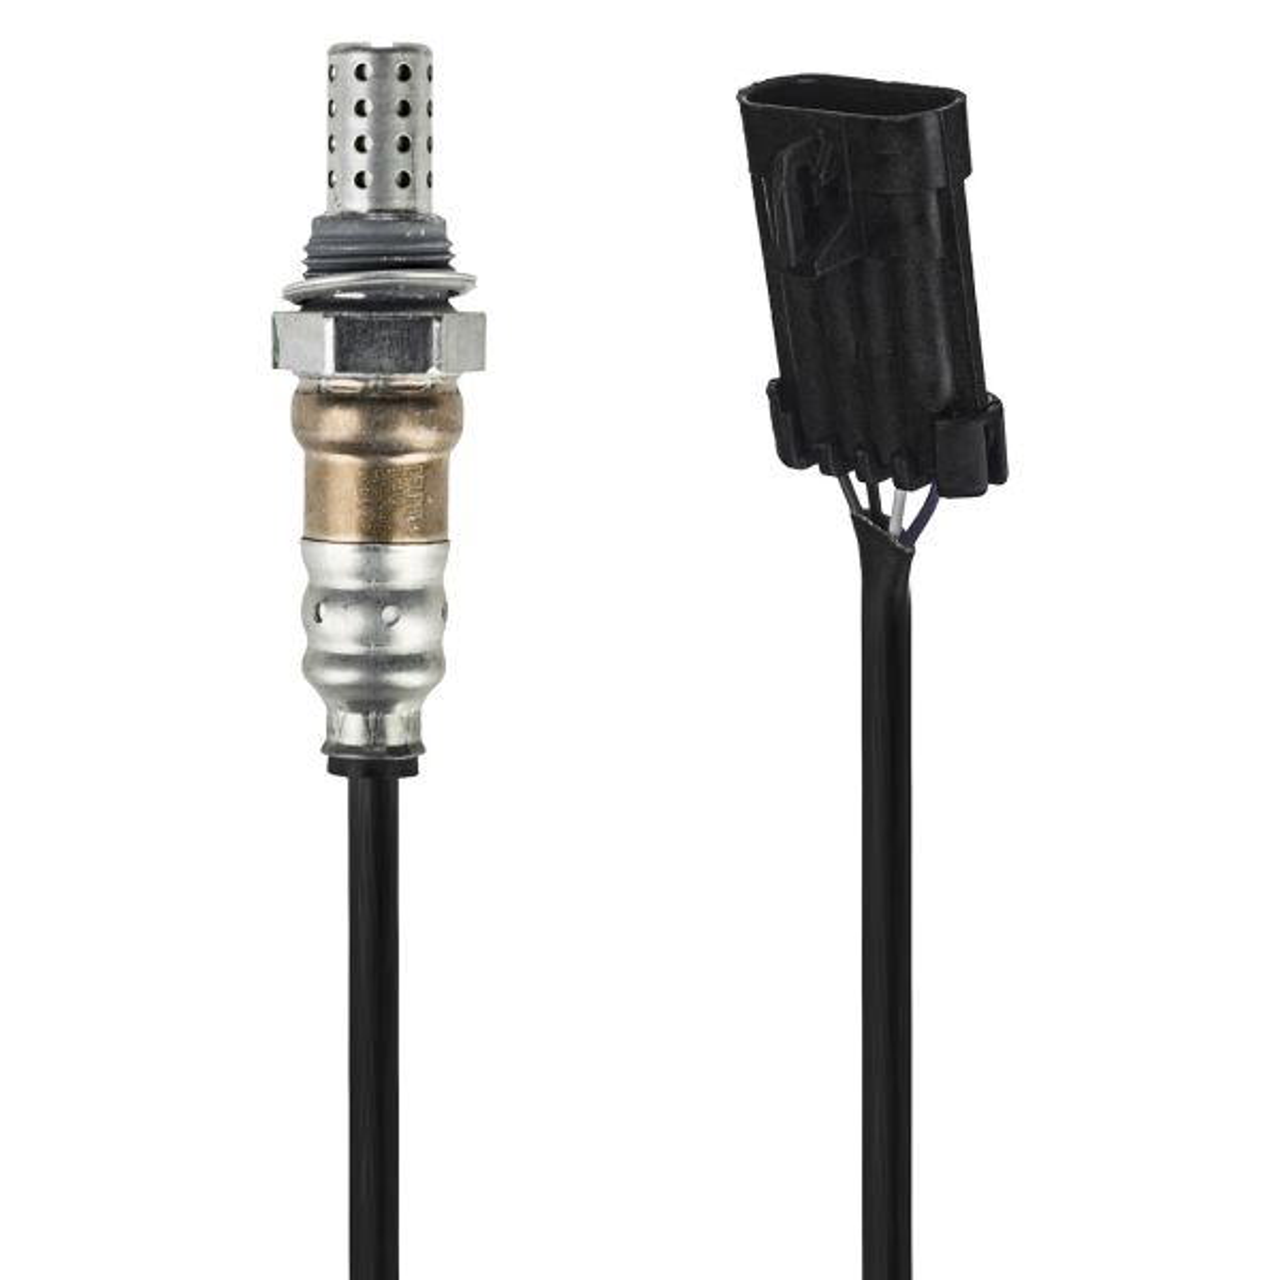 سنسور اکسیژن مدل 1026605GBXZ مناسب برای خودروهای جک